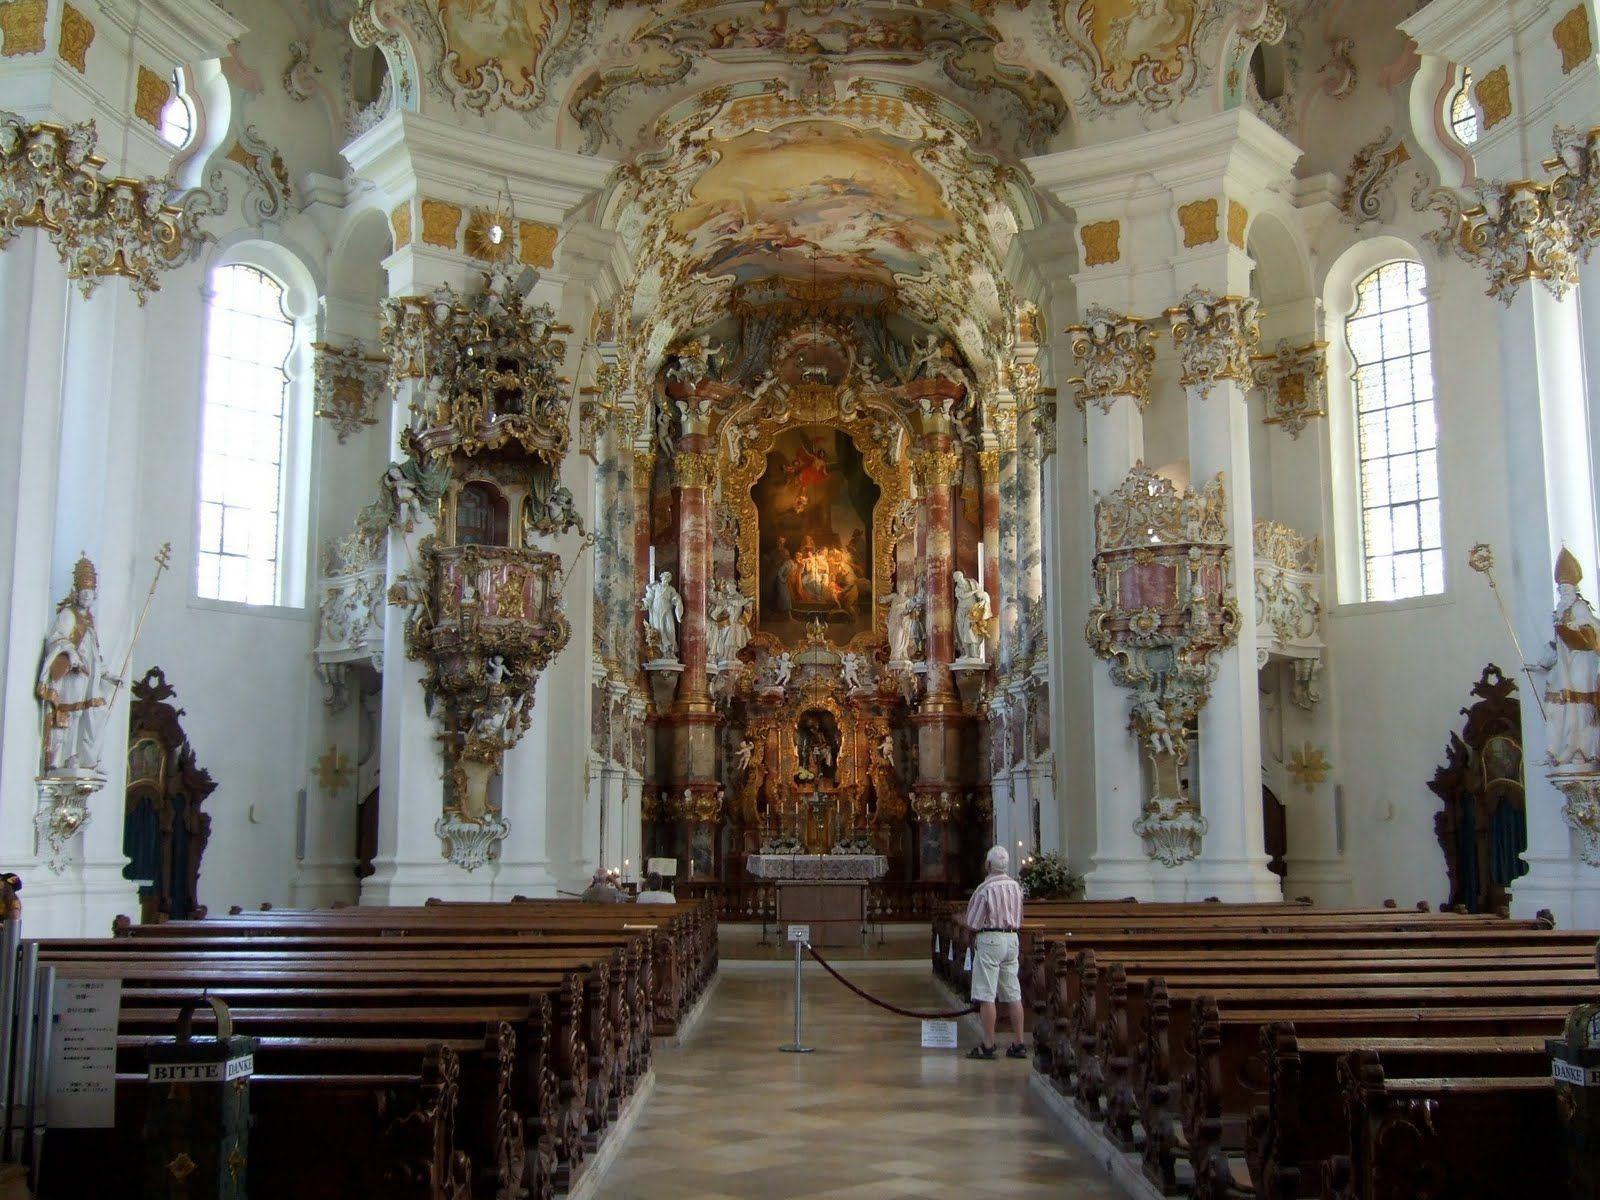 Dominikus Zimmermann- Iglesia de peregrinación de Wies. Wieskirche - 1743